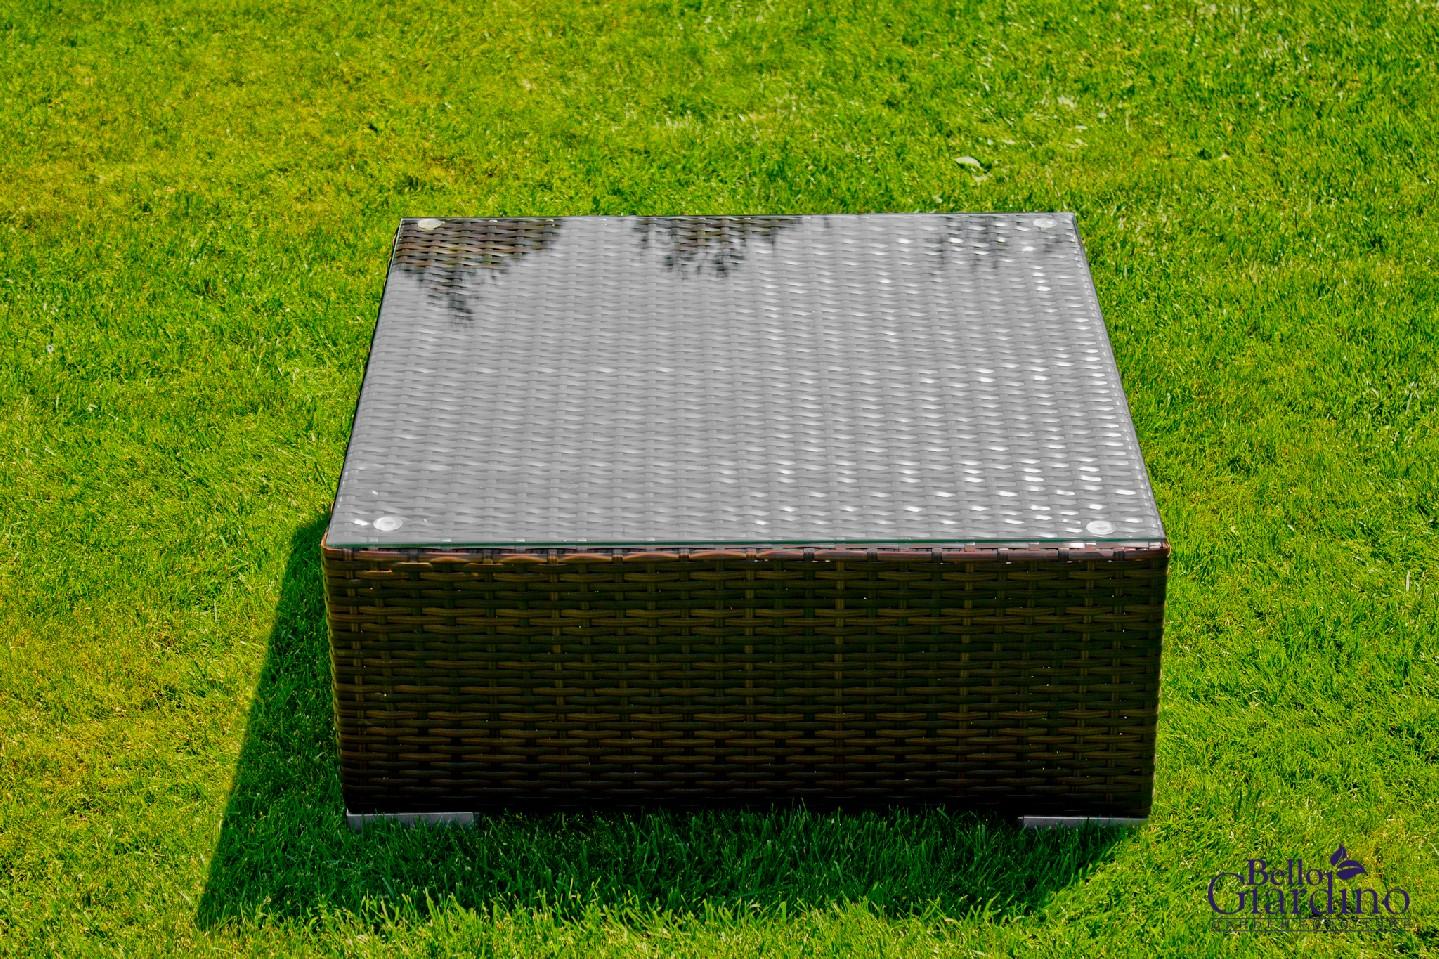 Bello G Záhradný ratanový stôl SM001 Prevedenie: Hnedá